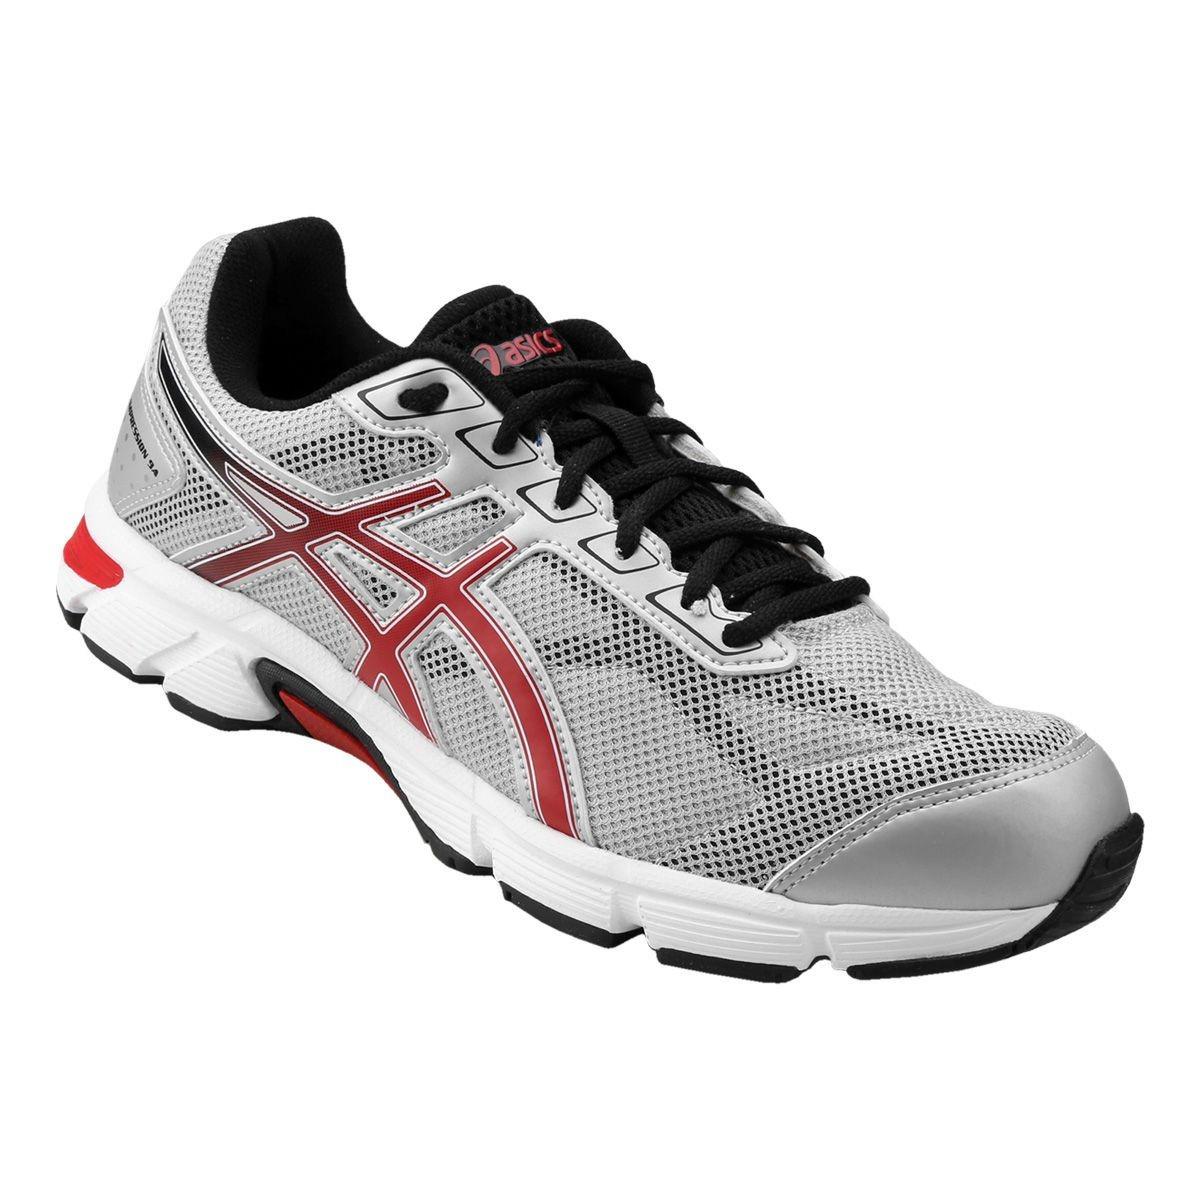 3804fac5fde tênis asics gel impression 9 cinza e vermelho. Carregando zoom.